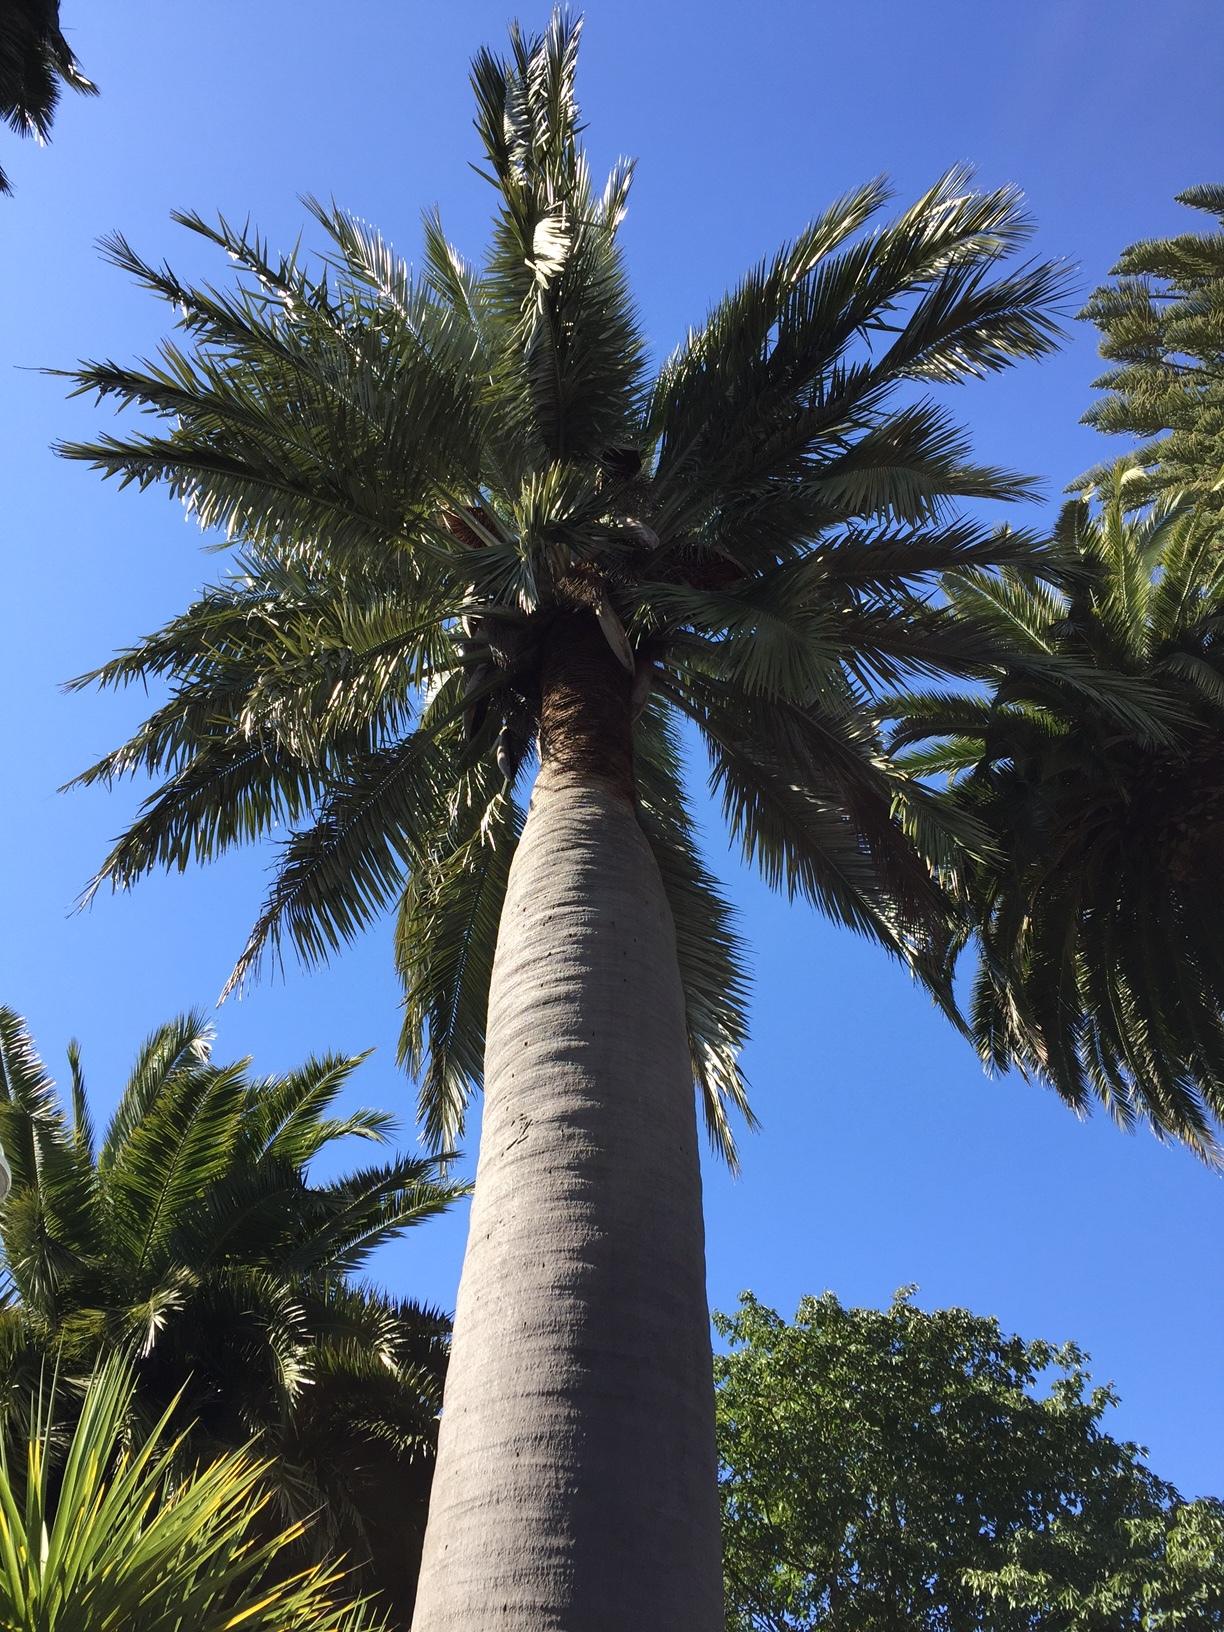 Chilean wine palm (Jubaea chilensis)